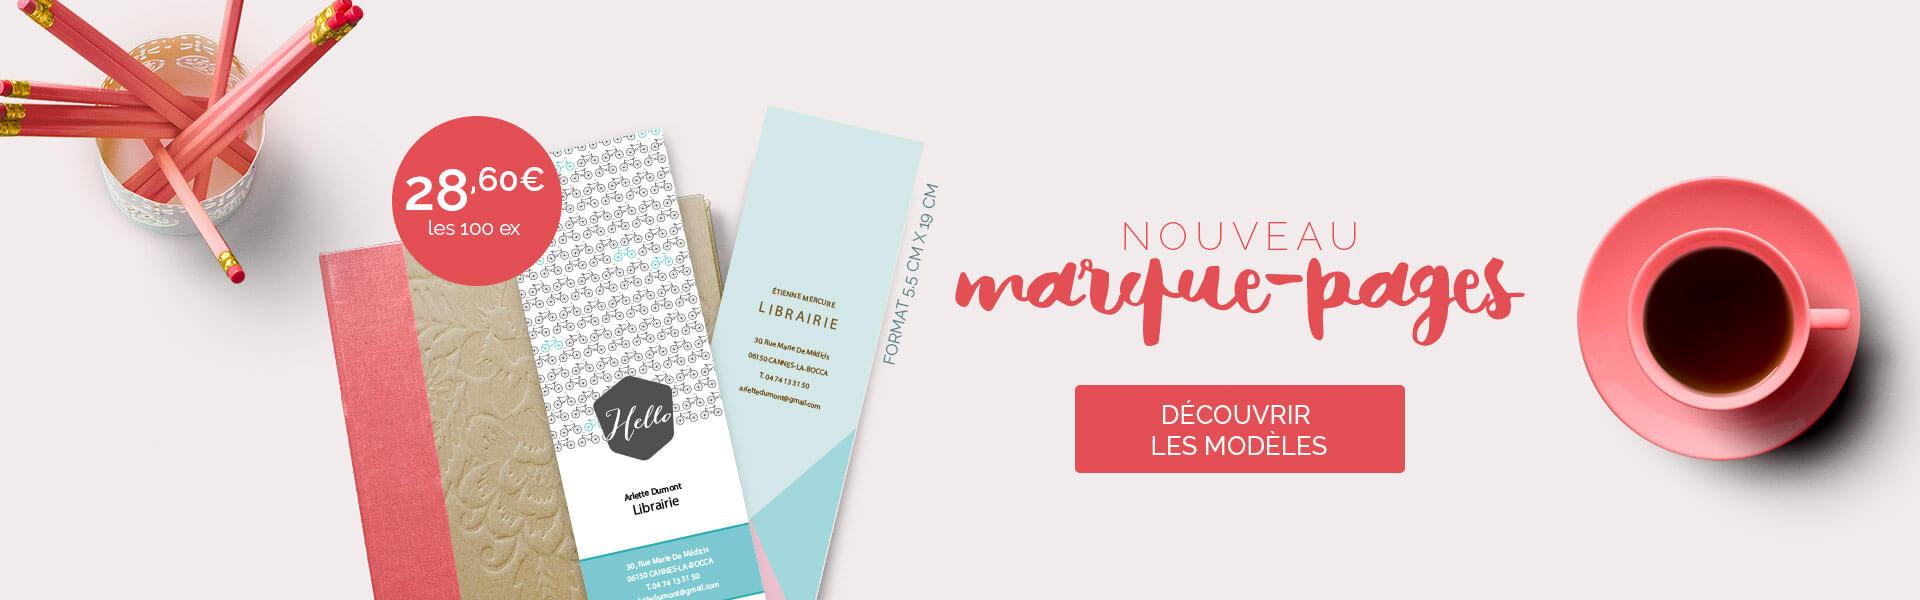 Nouveaux Marque-Pages